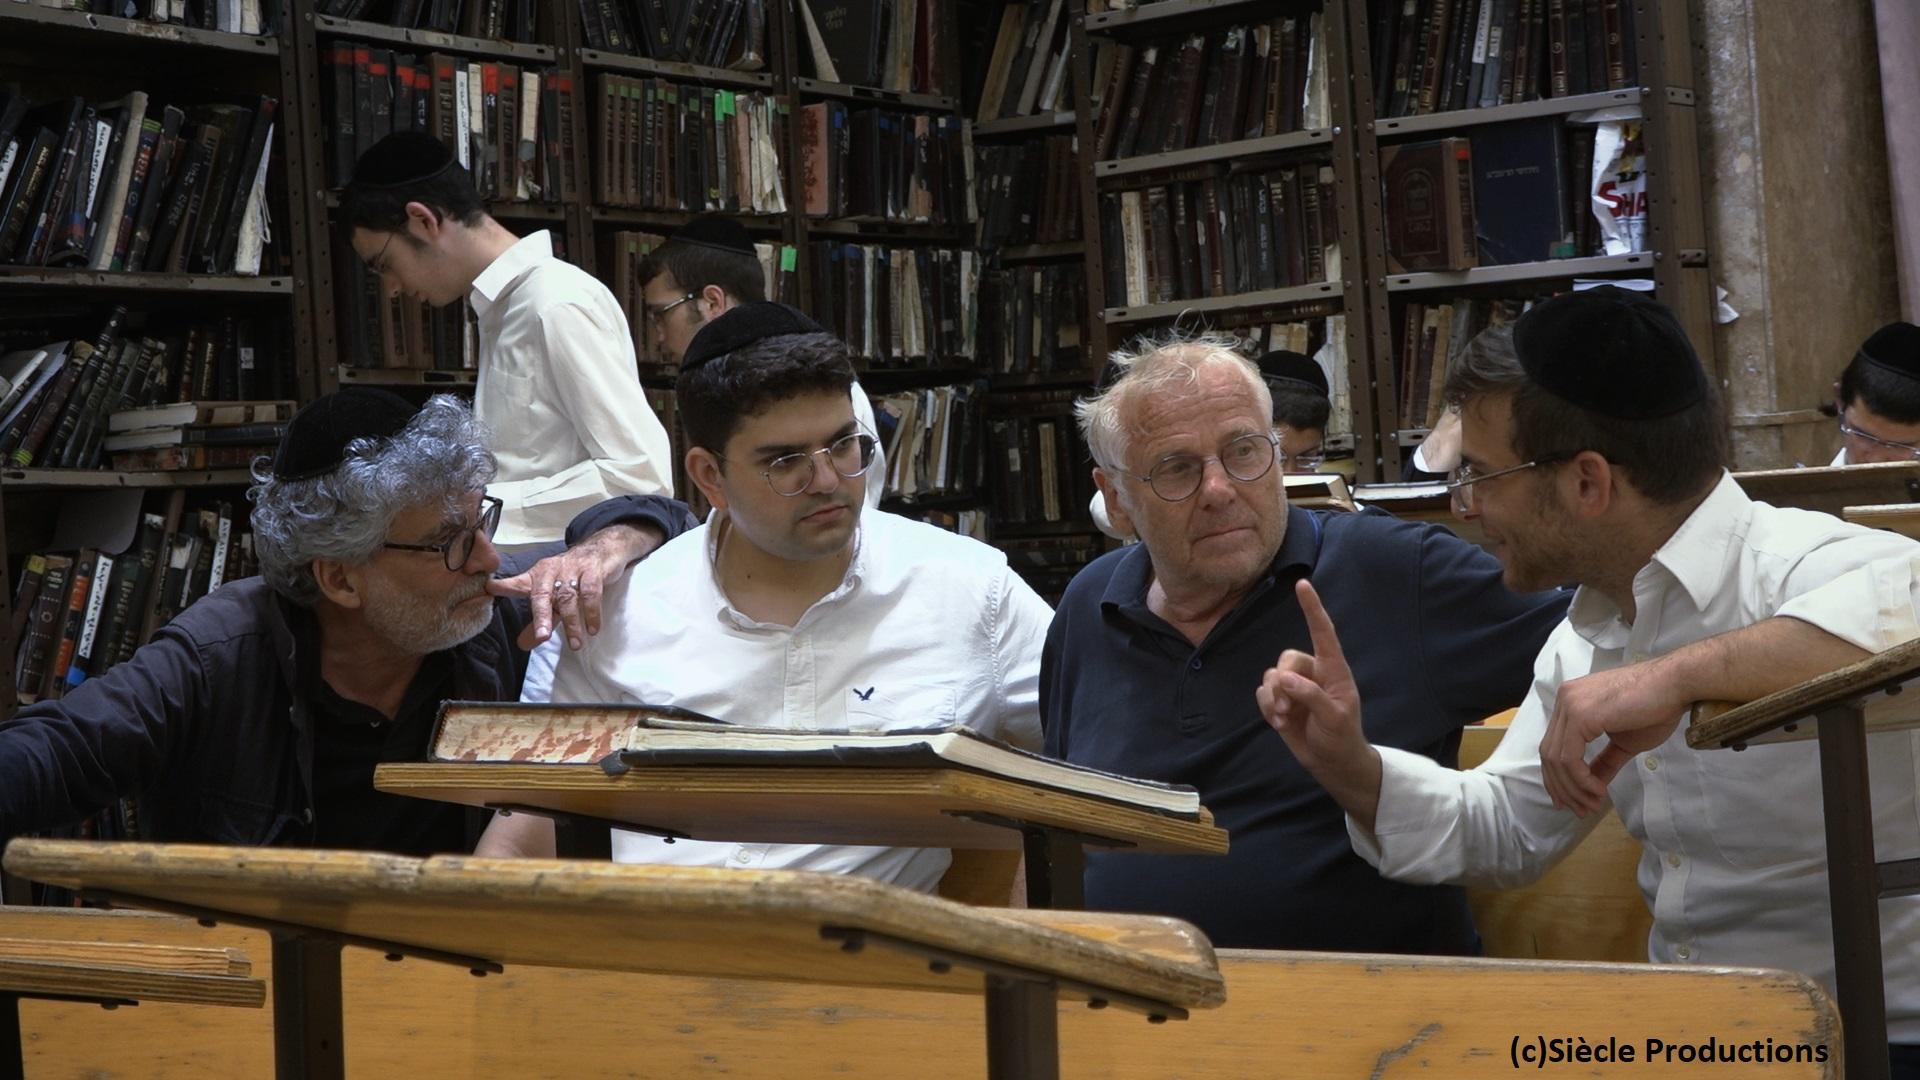 Flucht-Bibliothek jüdischer Kinder aus der NS-Zeit restauriert | Jüdische Allgemeine